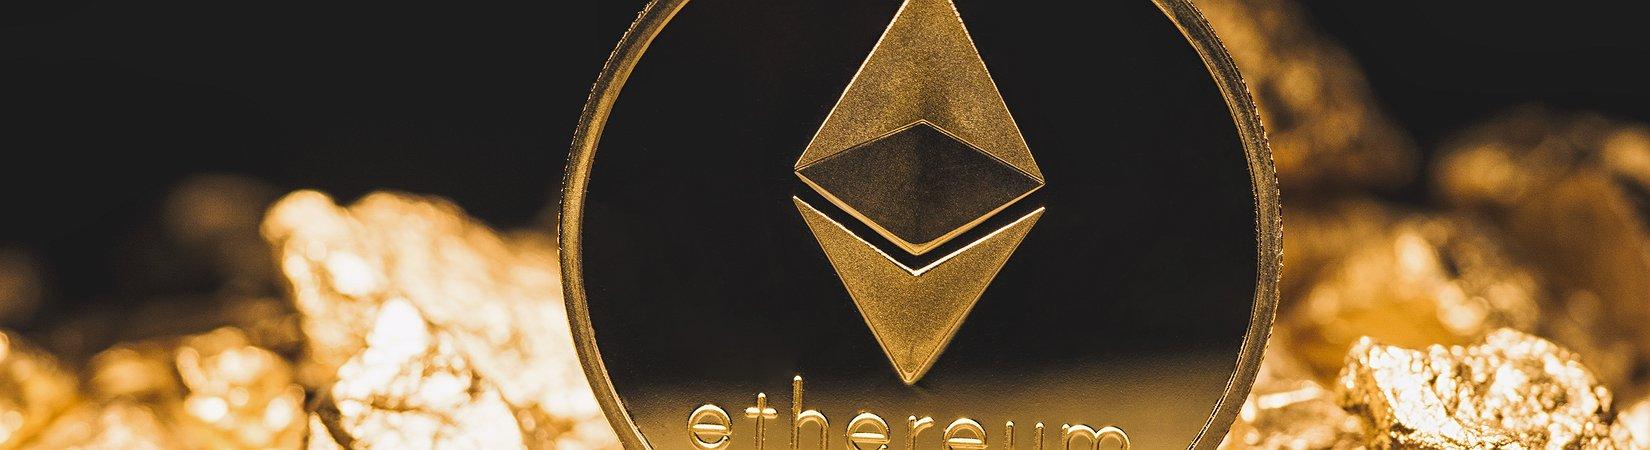 Nuovo record di Ethereum: superati i 900 $